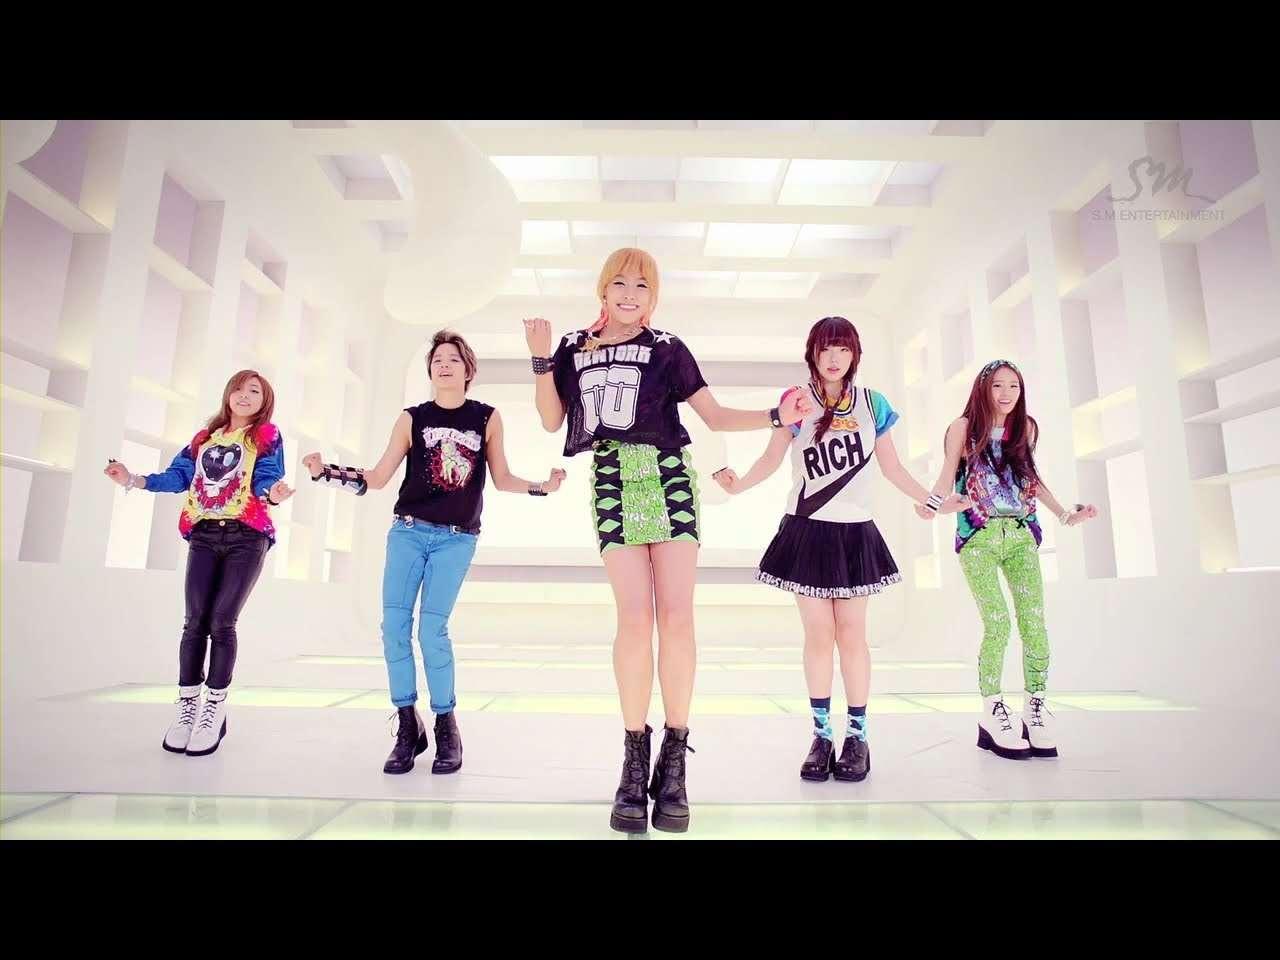 에프엑스_Electric Shock_Music Video - YouTube